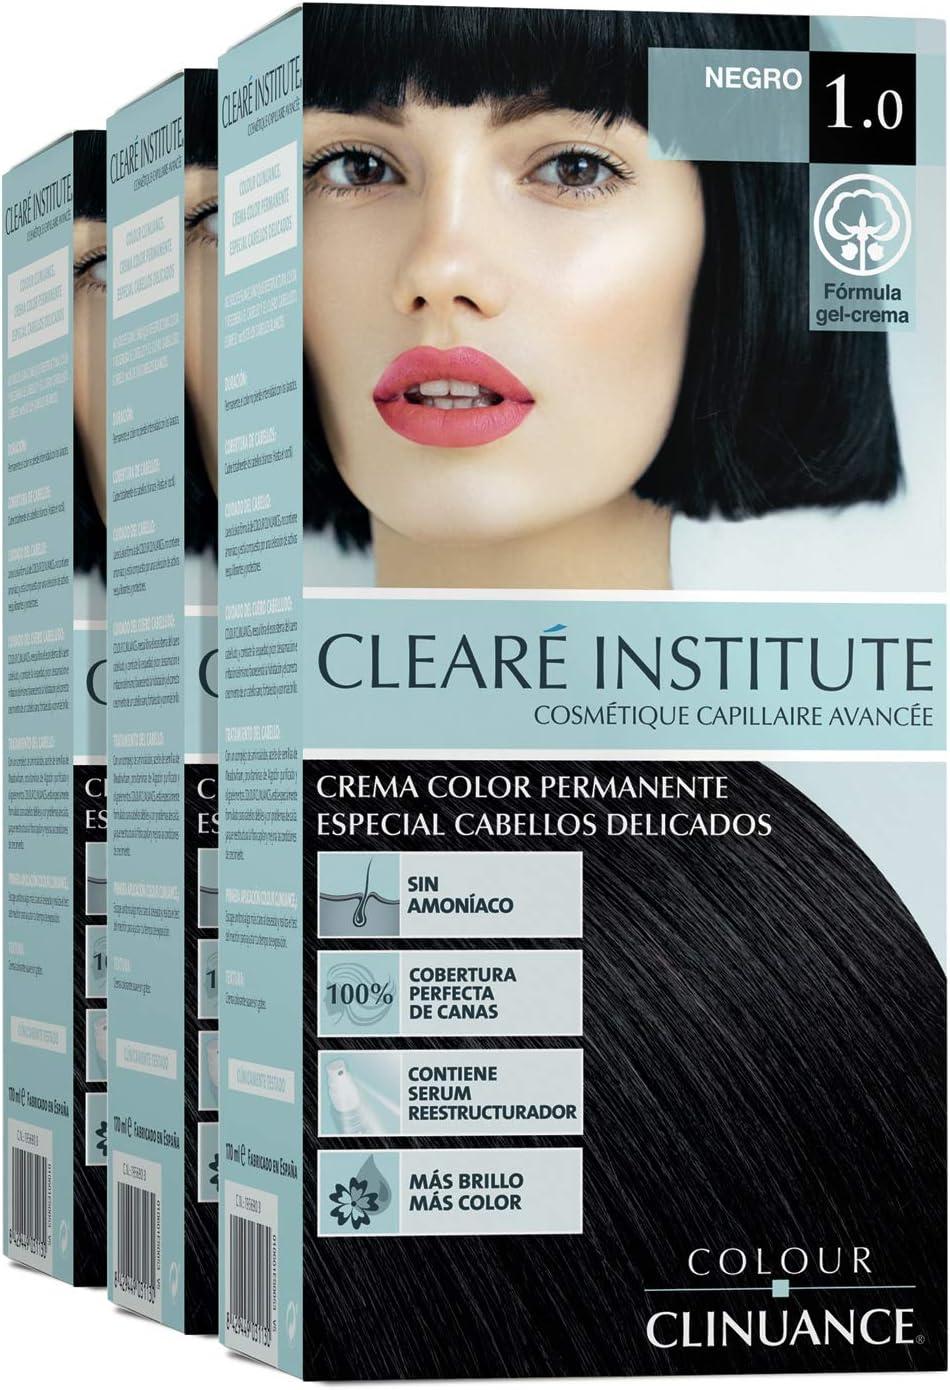 Colour Clinuance. Tinte Capilar Cabellos Delicados. 1.0 Negro, Coloración Permanente Sin Amoniaco, Más Brillo, Color Intenso, 100% Cobertura, Testado Dermatologicamente, Pack de 3